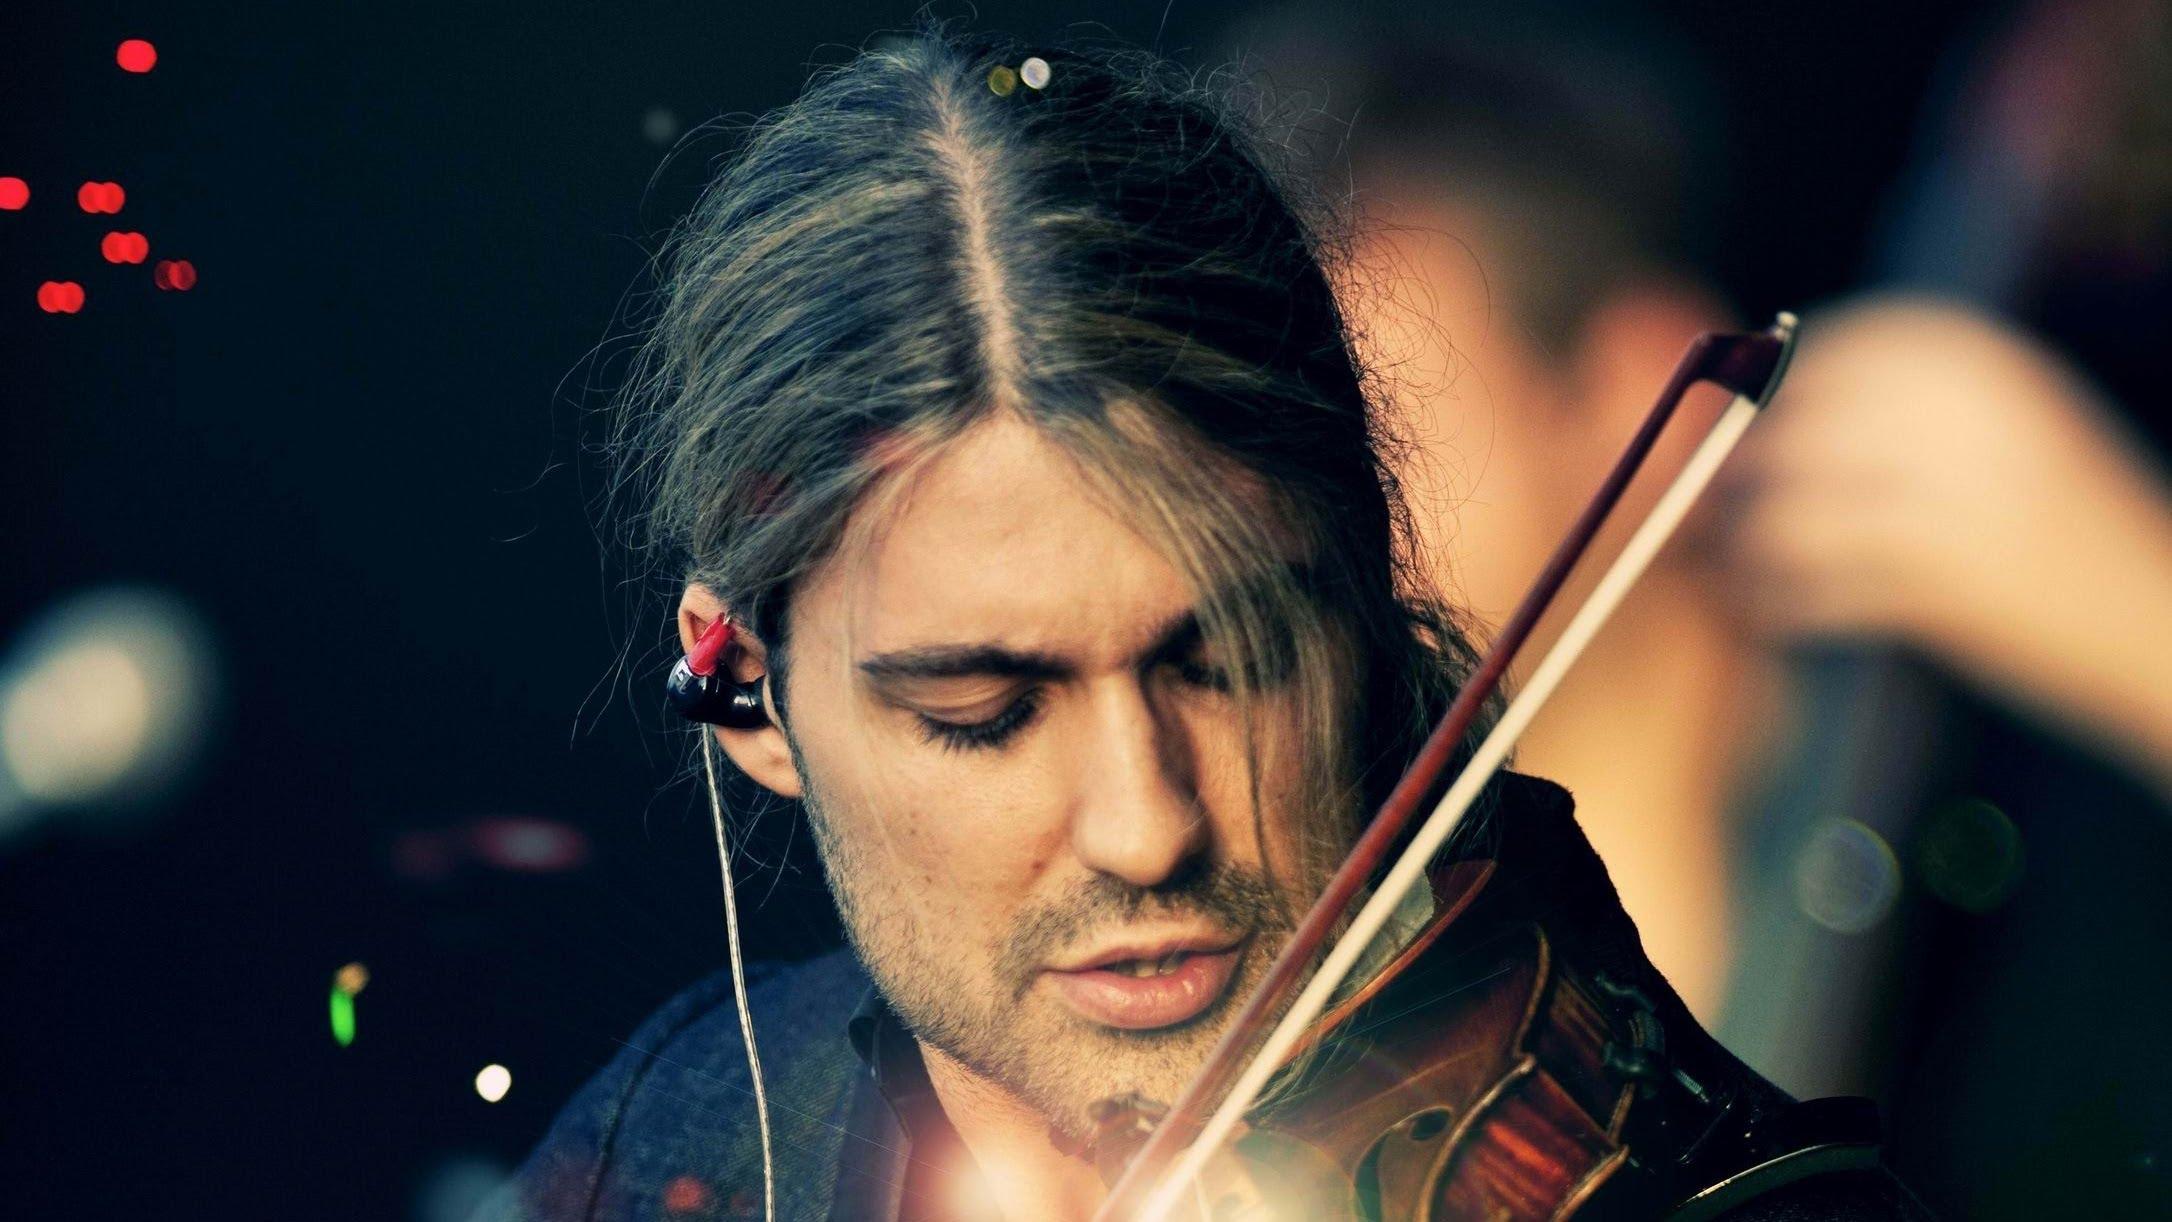 «Чардаш» в исполнении самого быстрого скрипача в мире — Дэвида Гаррета